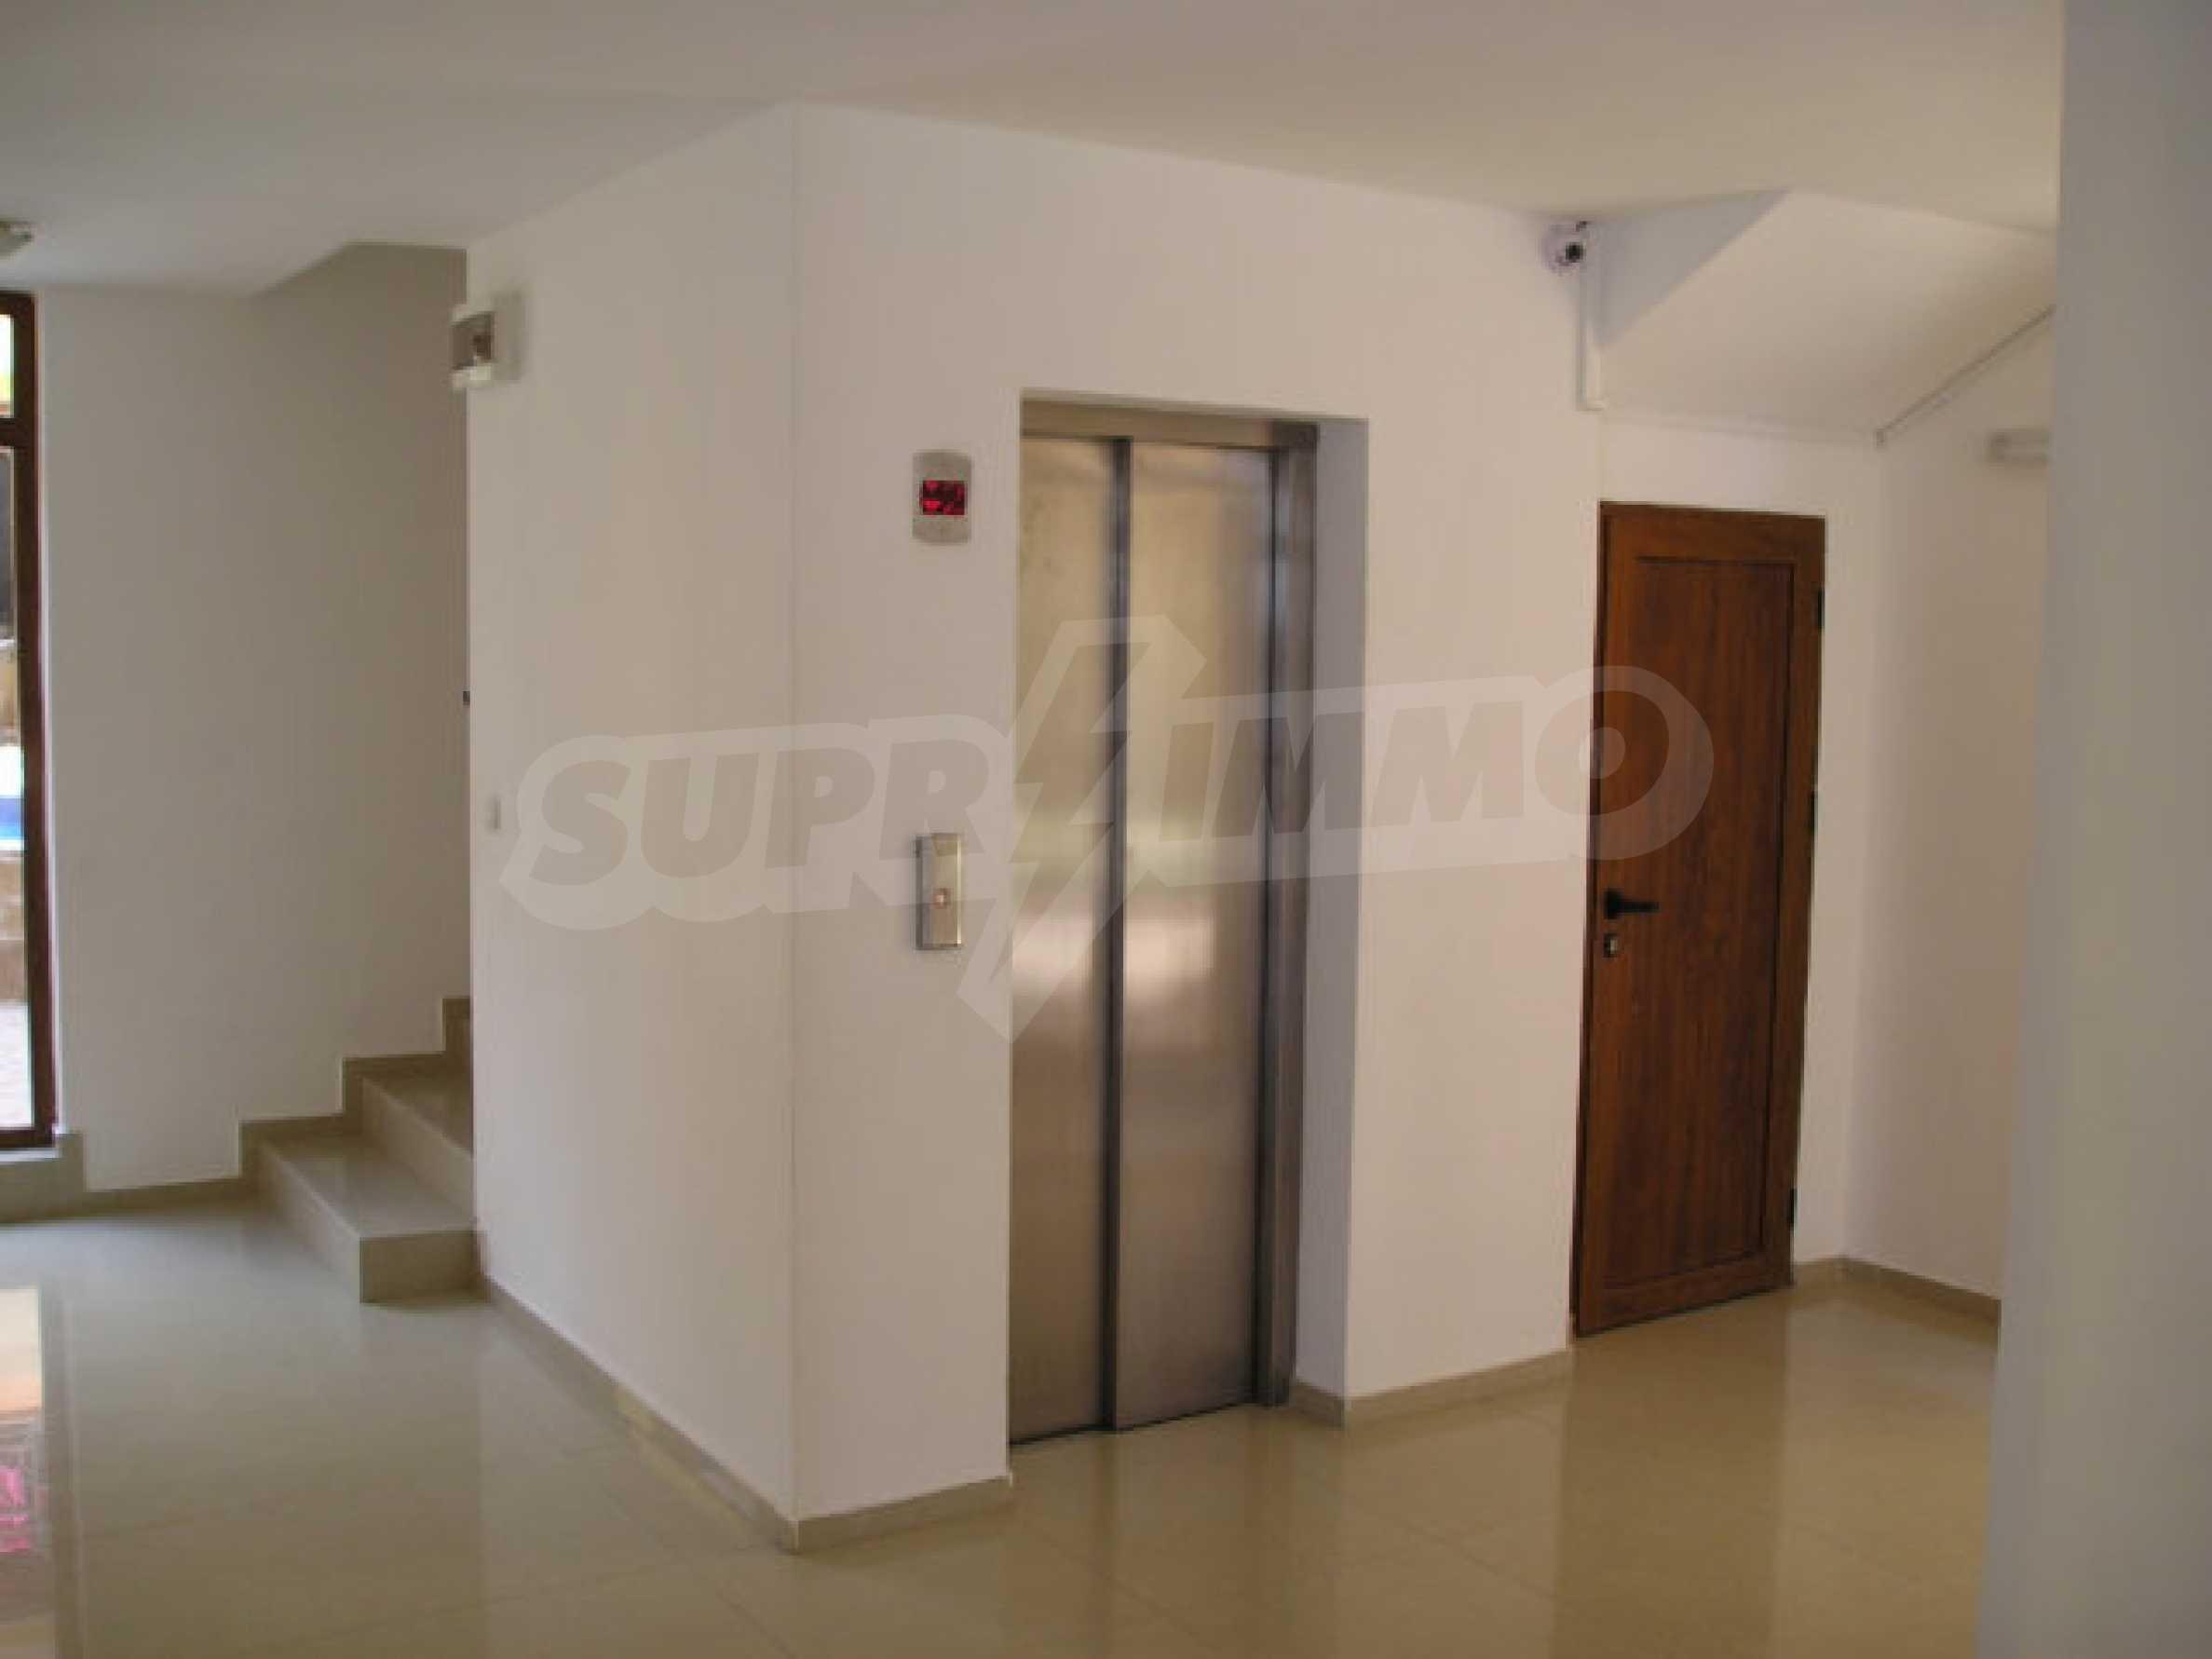 Ein-Zimmer-Wohnung zum Verkauf in Victor Komplex in Saint Vlas 16